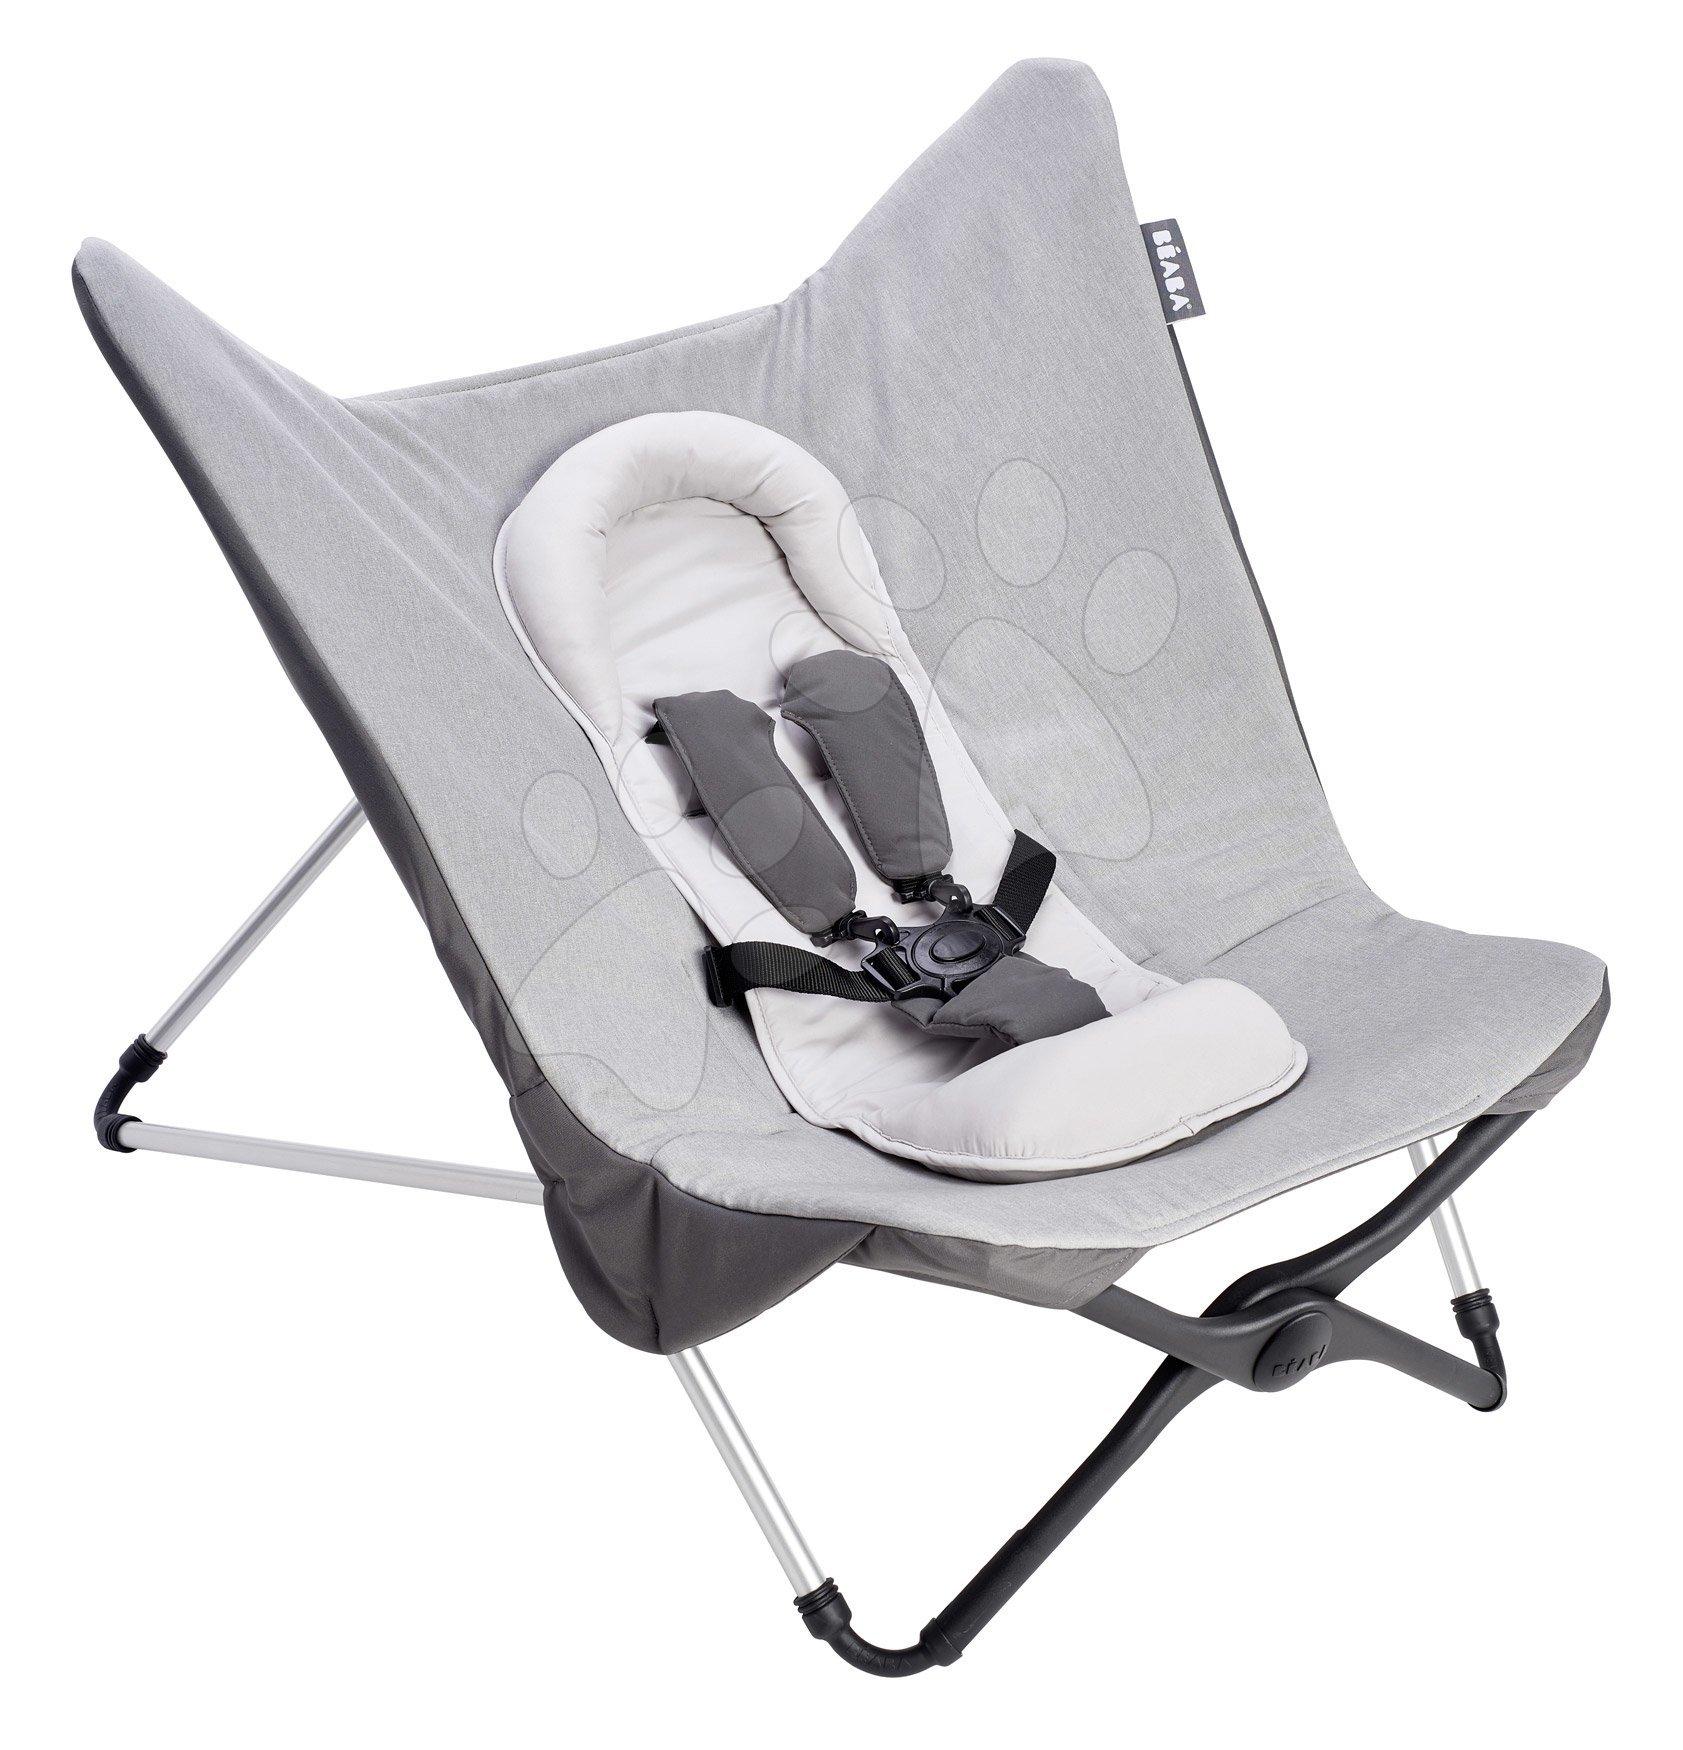 Kojenecké lehátko Evolutive Compact Baby Seat II Beaba Heather Grey šedé skládací od 0 měs